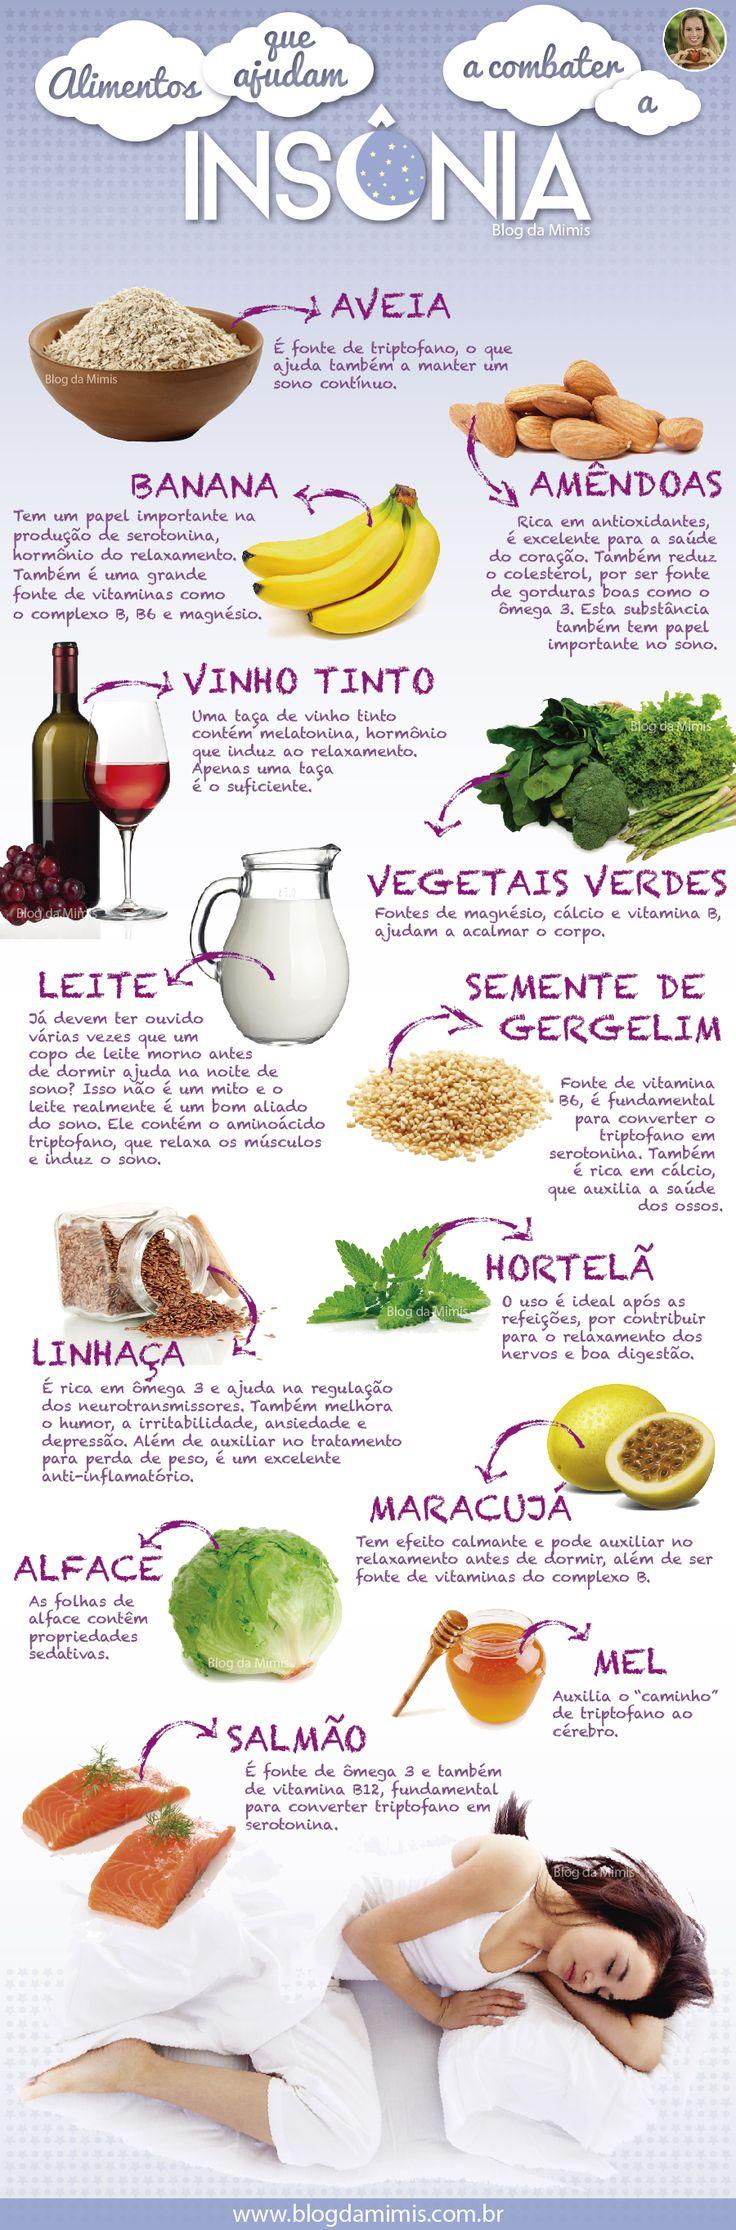 http://blogdamimis.com.br/2014/08/04/alimentos-que-acabam-com-a-insonia/